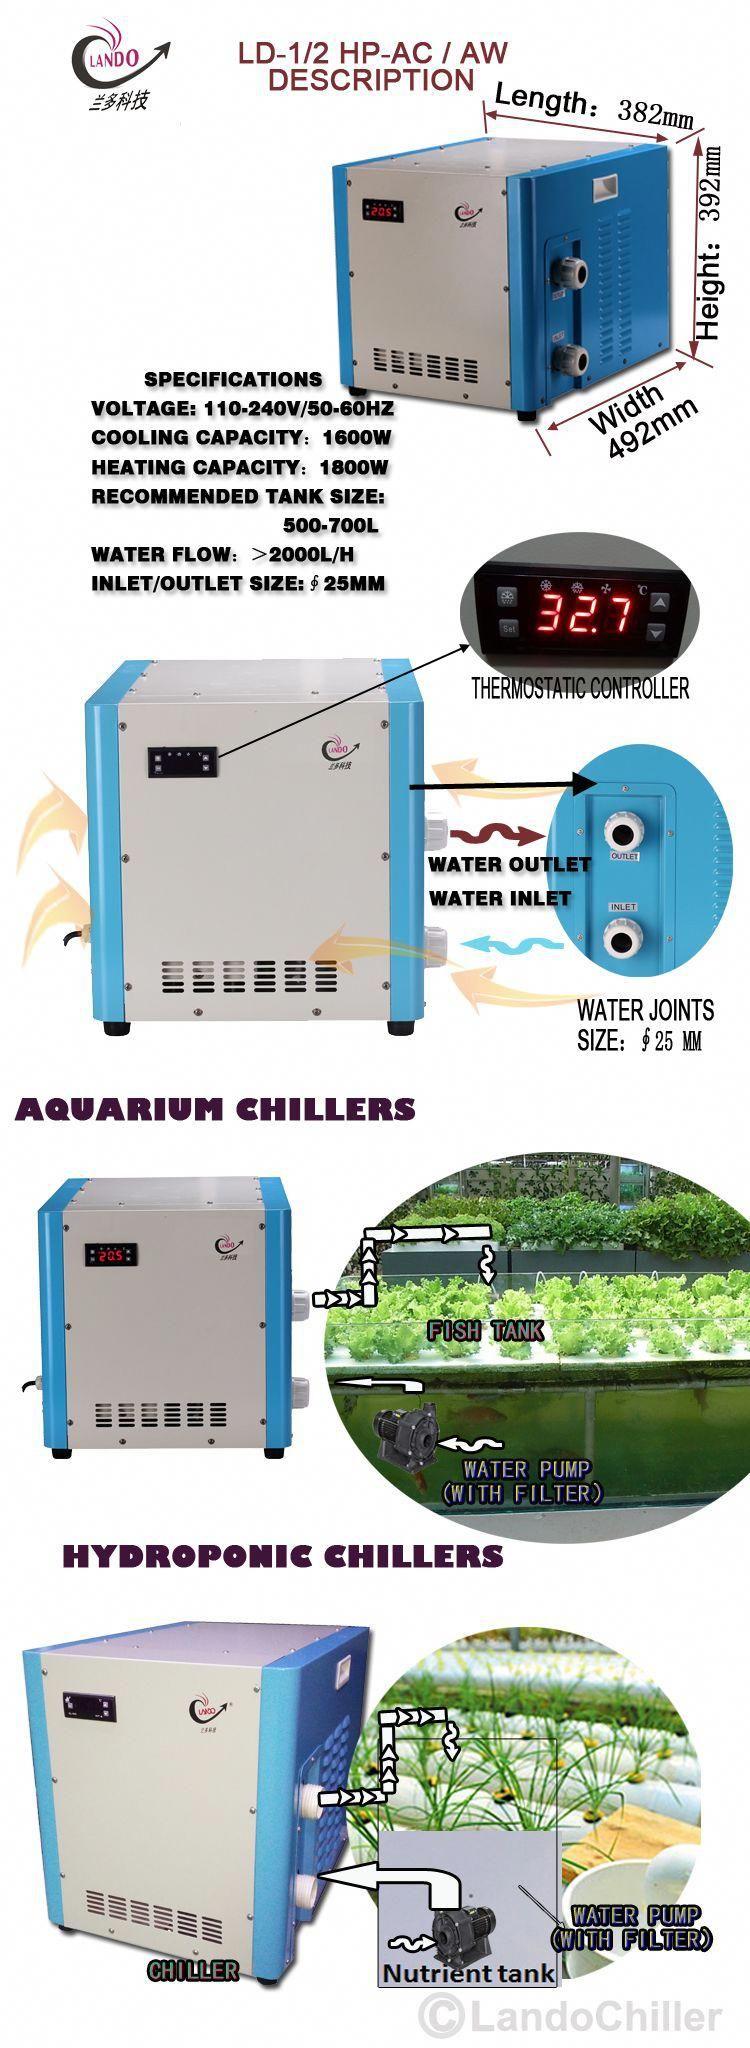 Water Pumps and Pressure Tanks 118851 Aquarium Water Pump